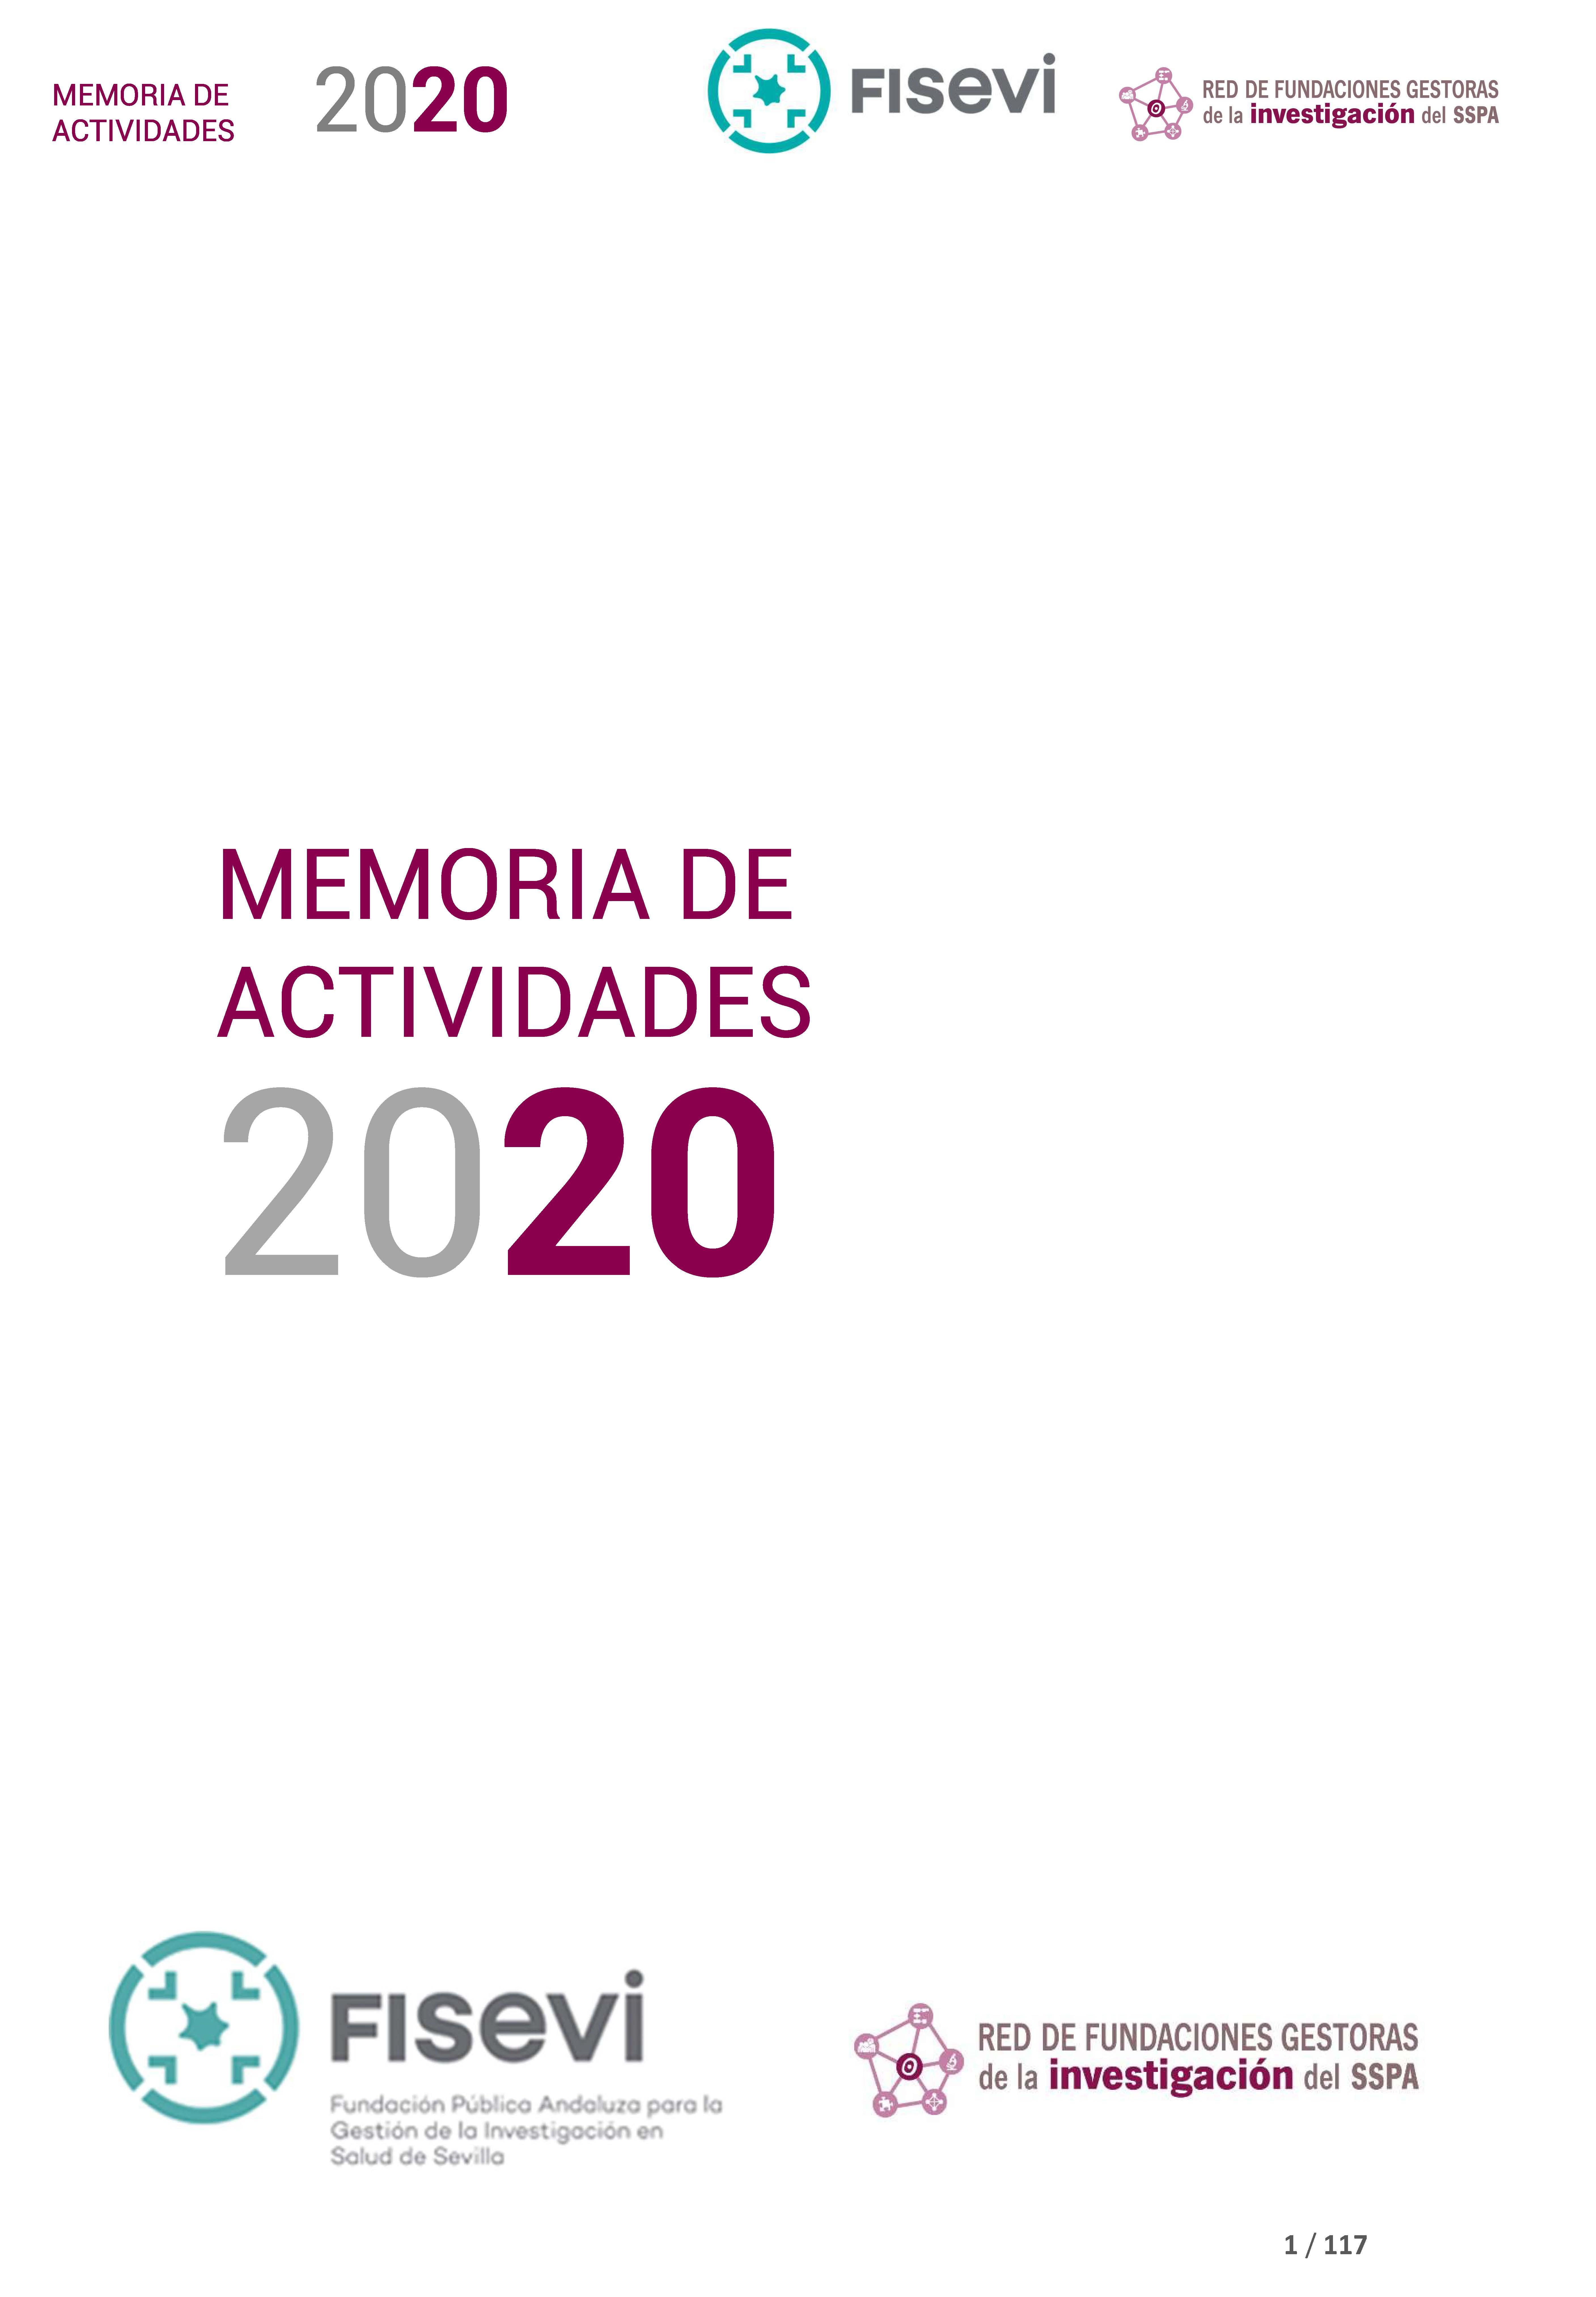 MA 2020.jpg